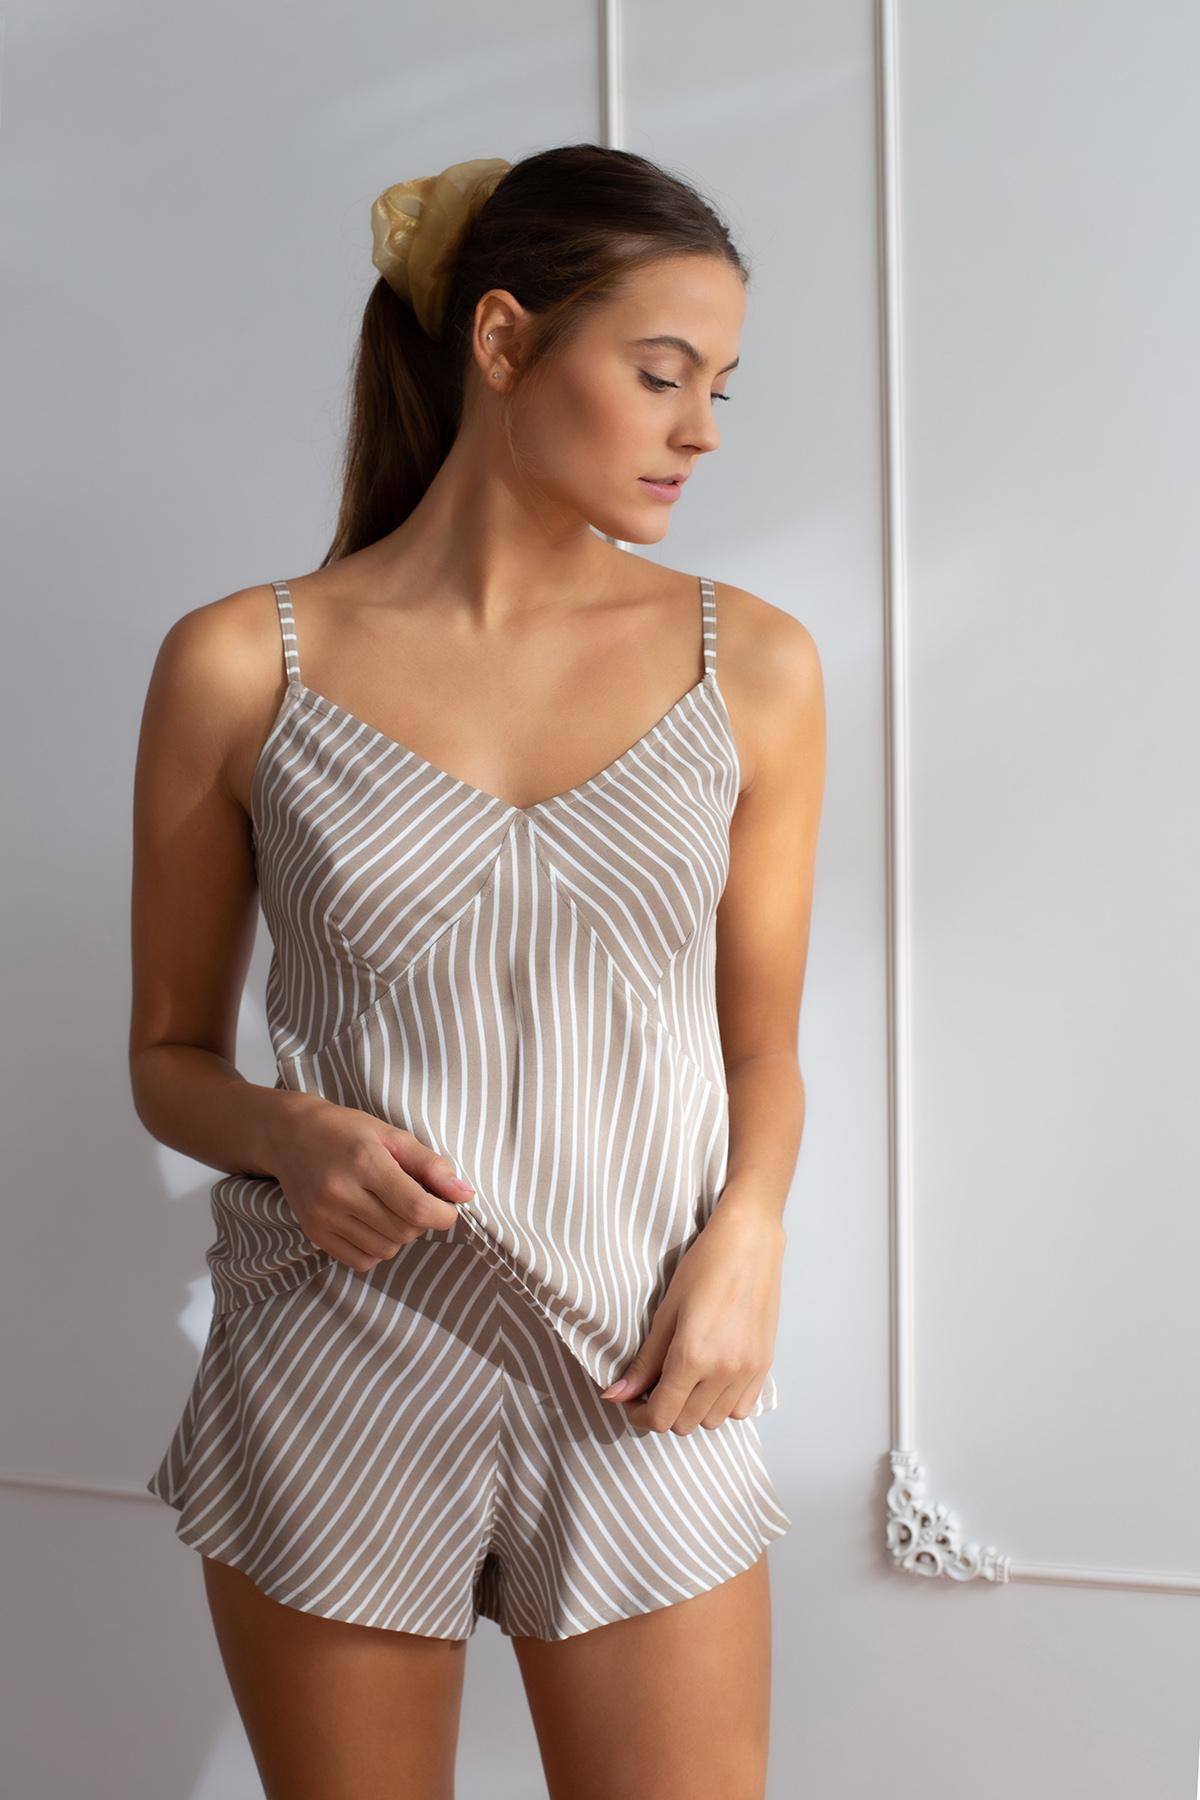 Hays Kadın Askılı Şortlu Ev Giyim Takım